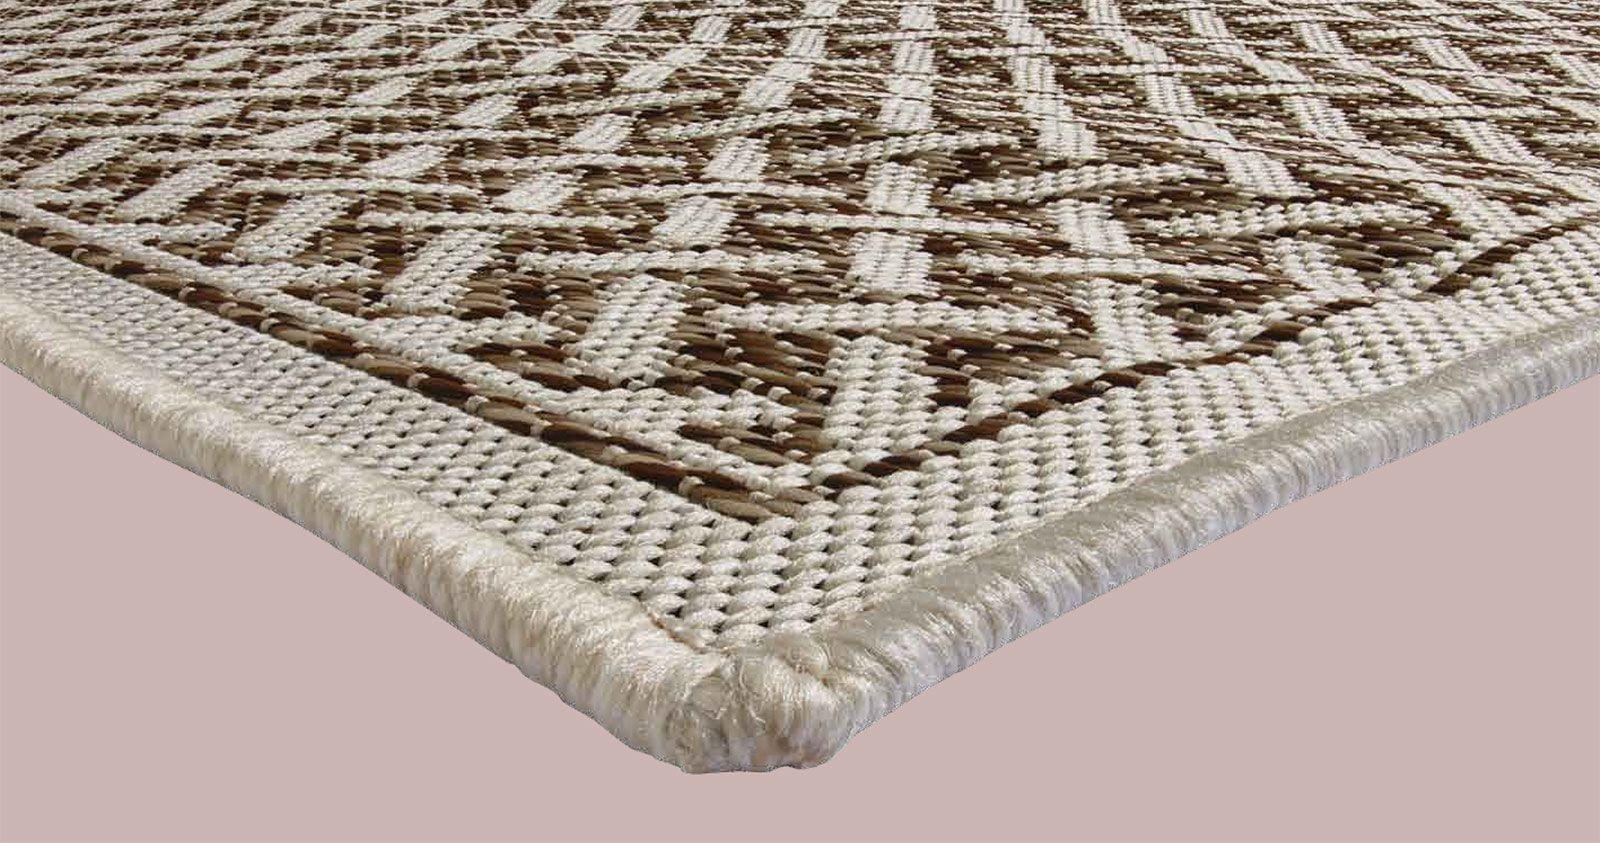 carpet prices garden outdoor design rectangular polypropylene made in italy carpets